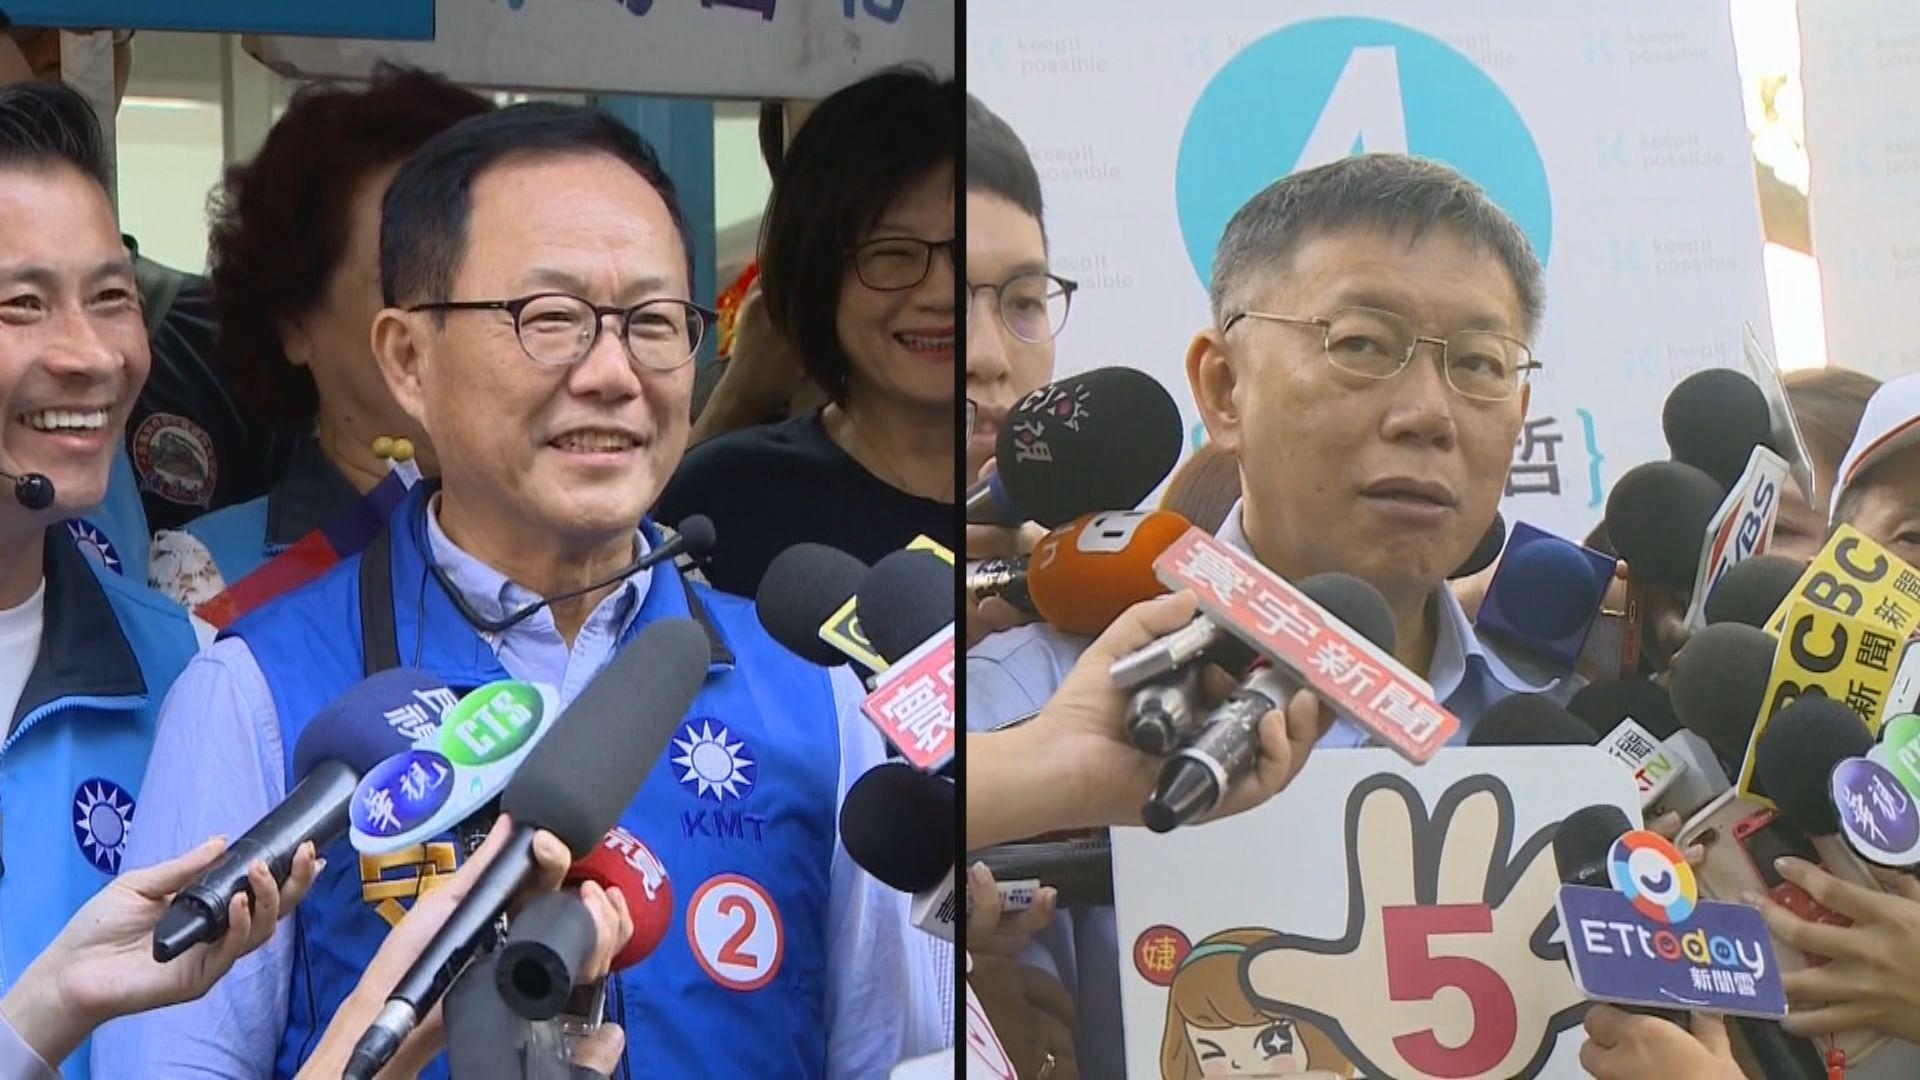 台北市長選舉膠着勝負未明